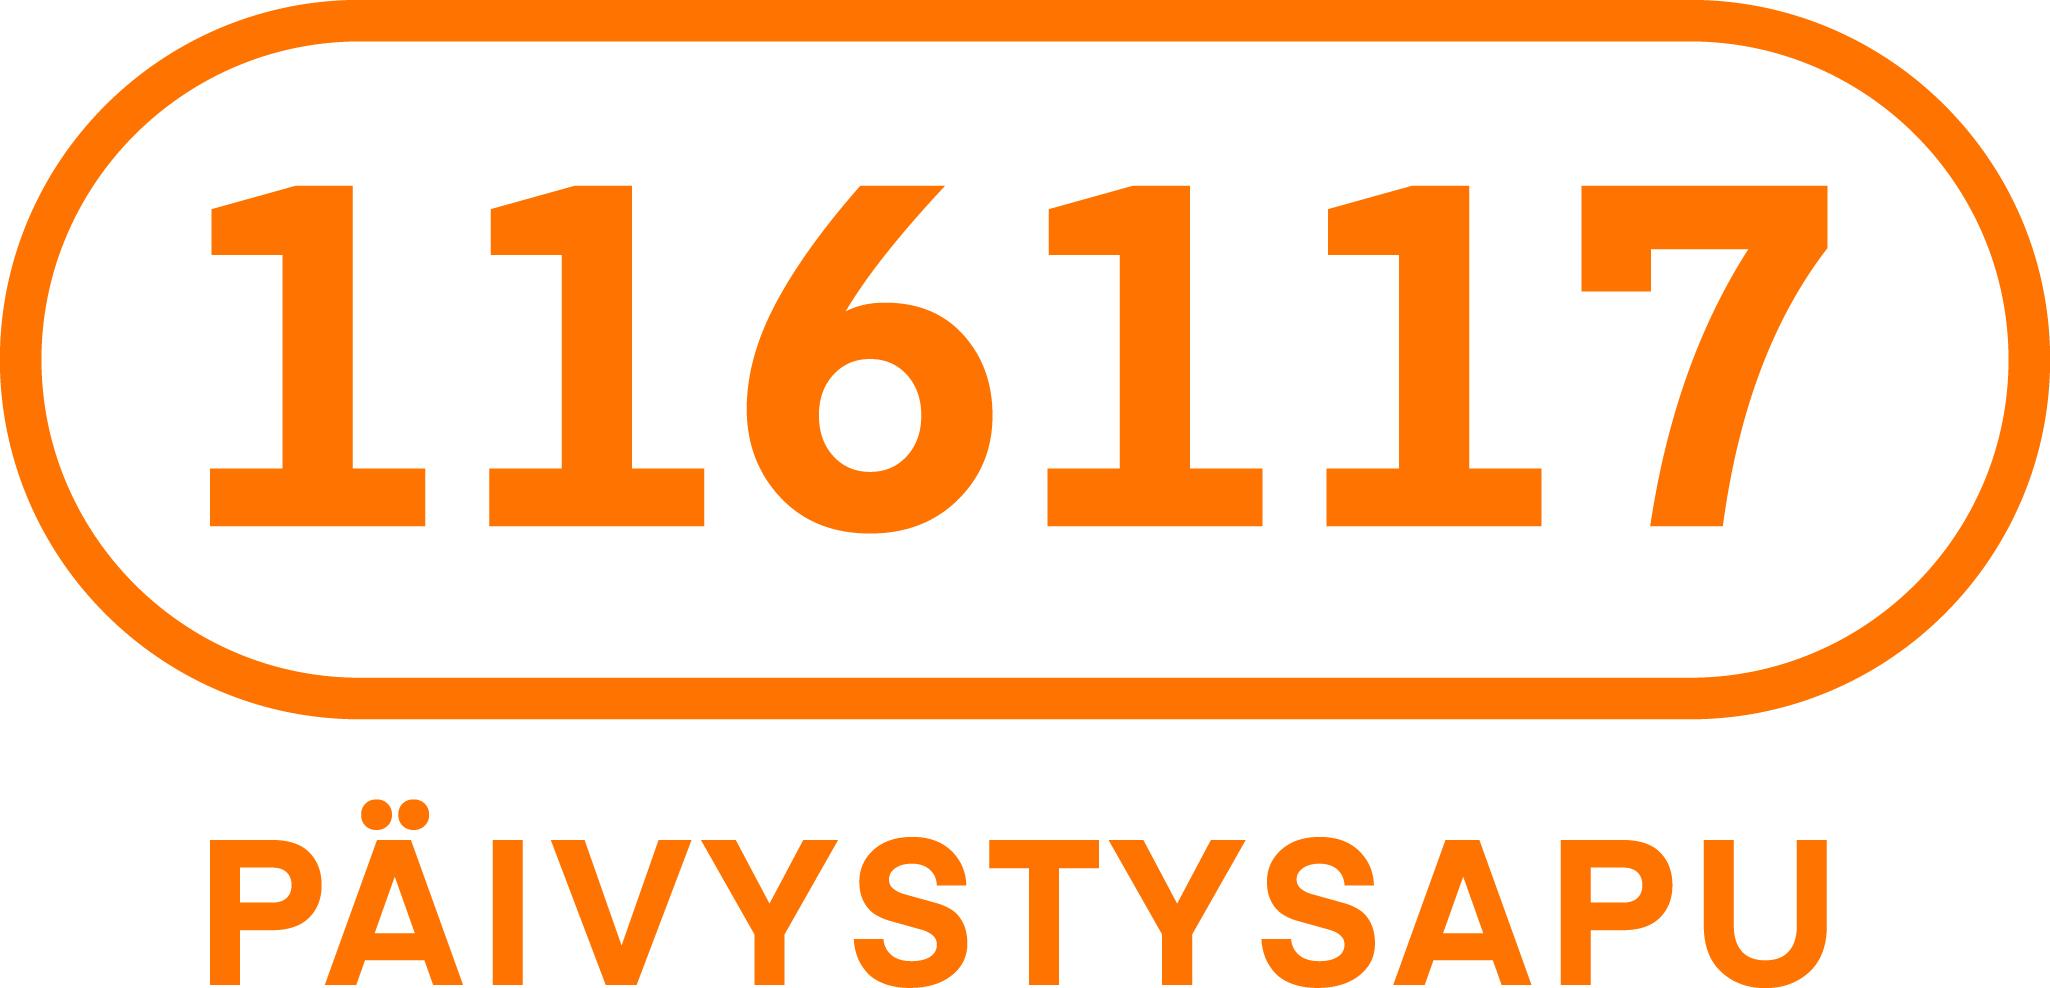 Päivystysapunumeron 116117 logo